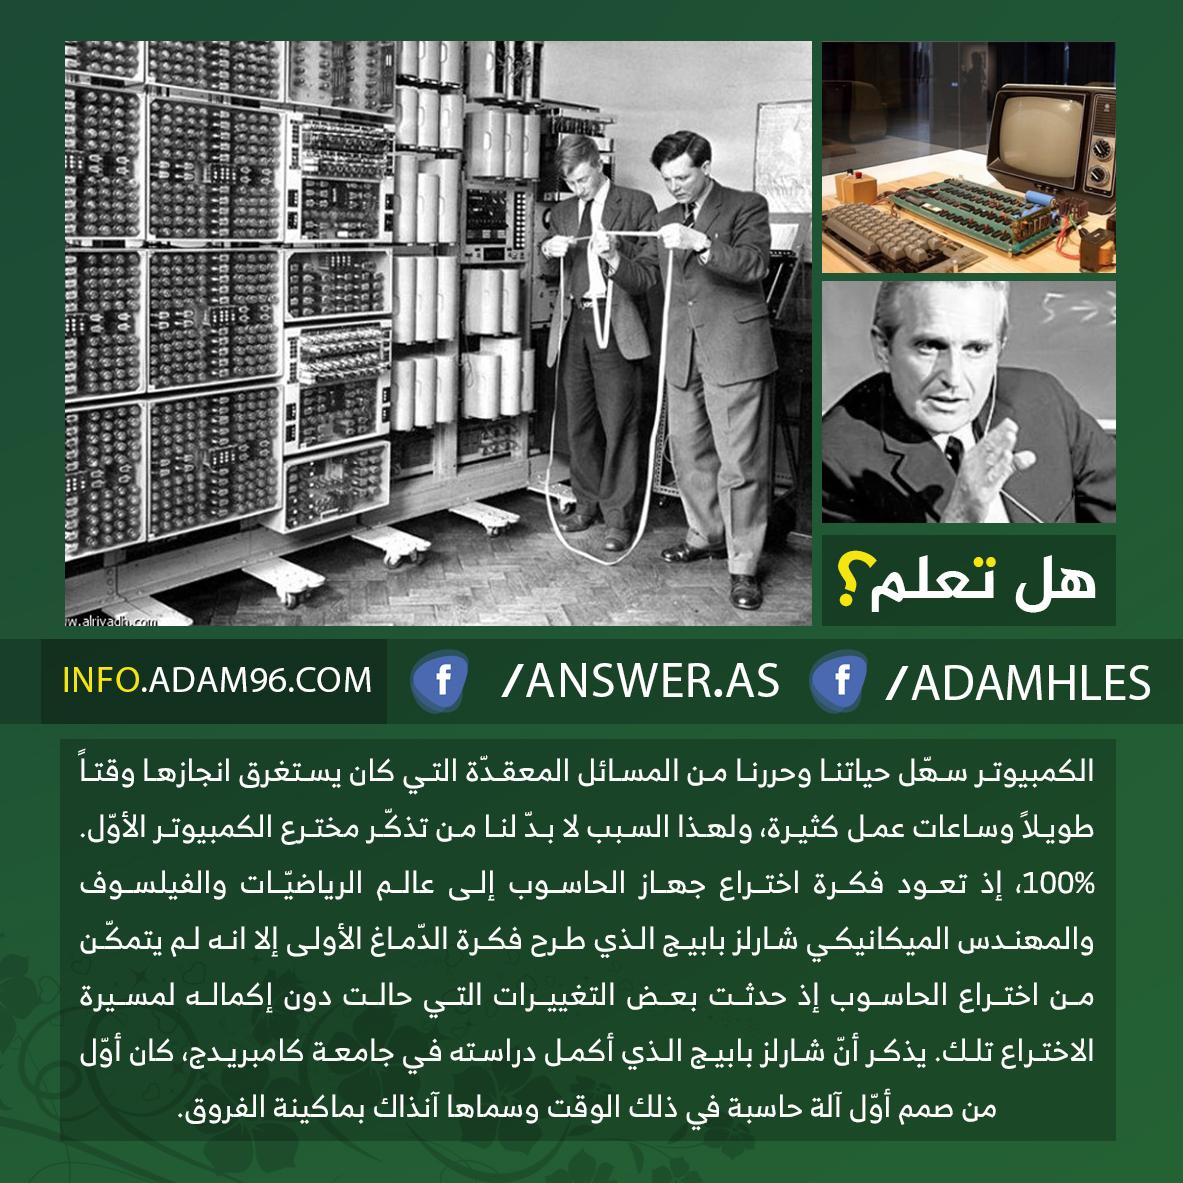 هل تعلم عن مخترع اول حاسوب في العالم - معلومات مدهشة